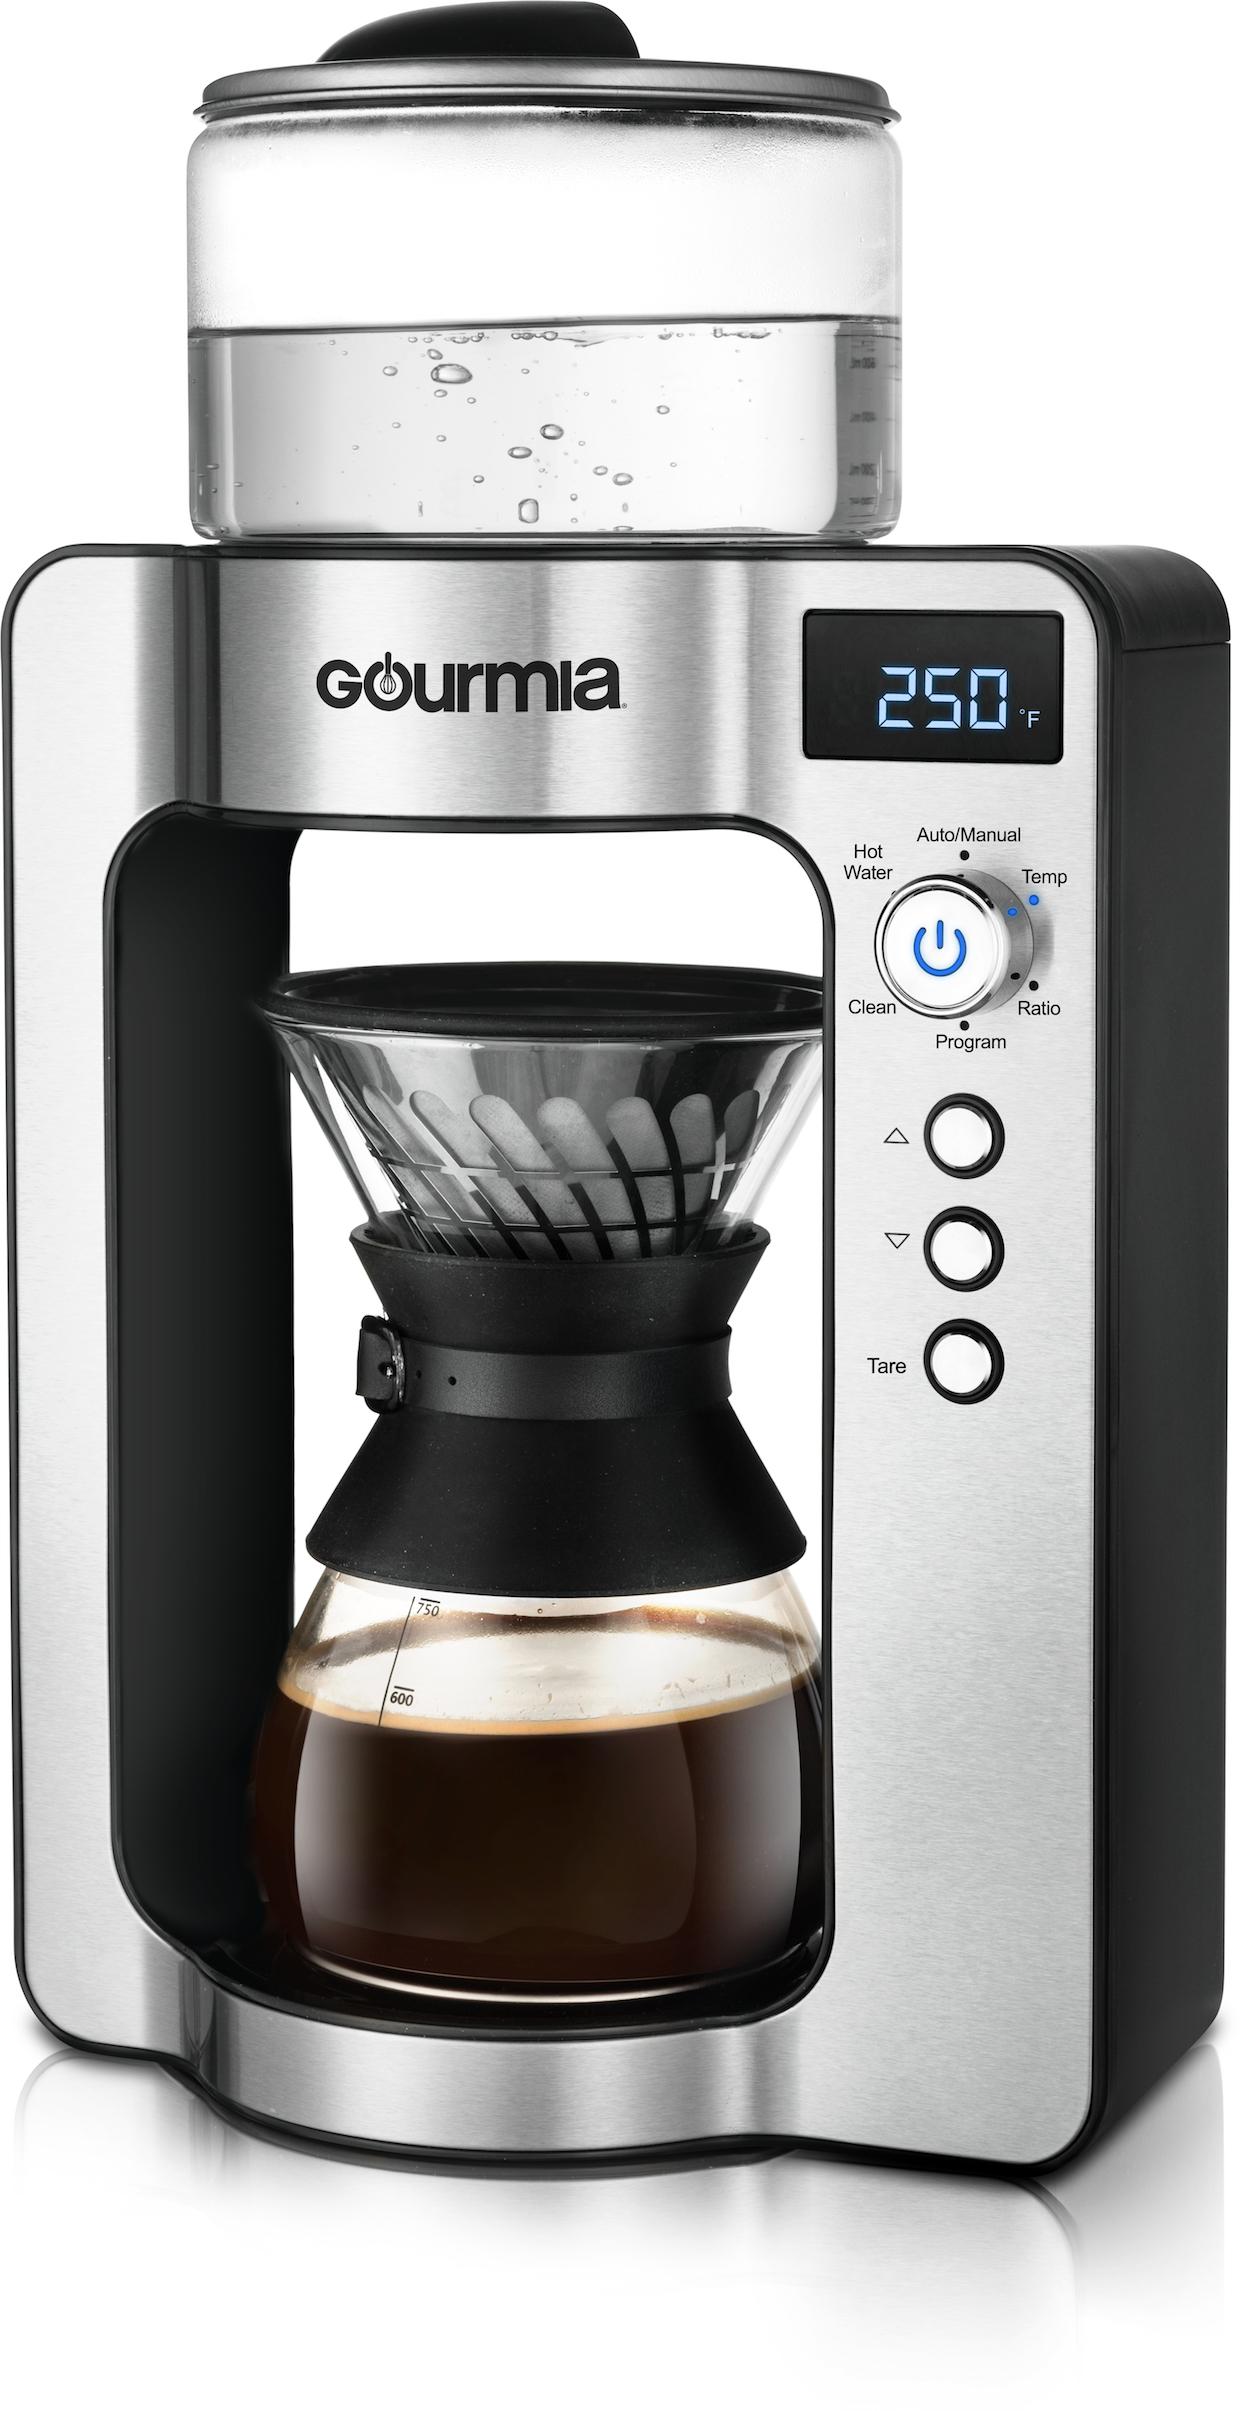 Gourmia coffee home brewing pourover